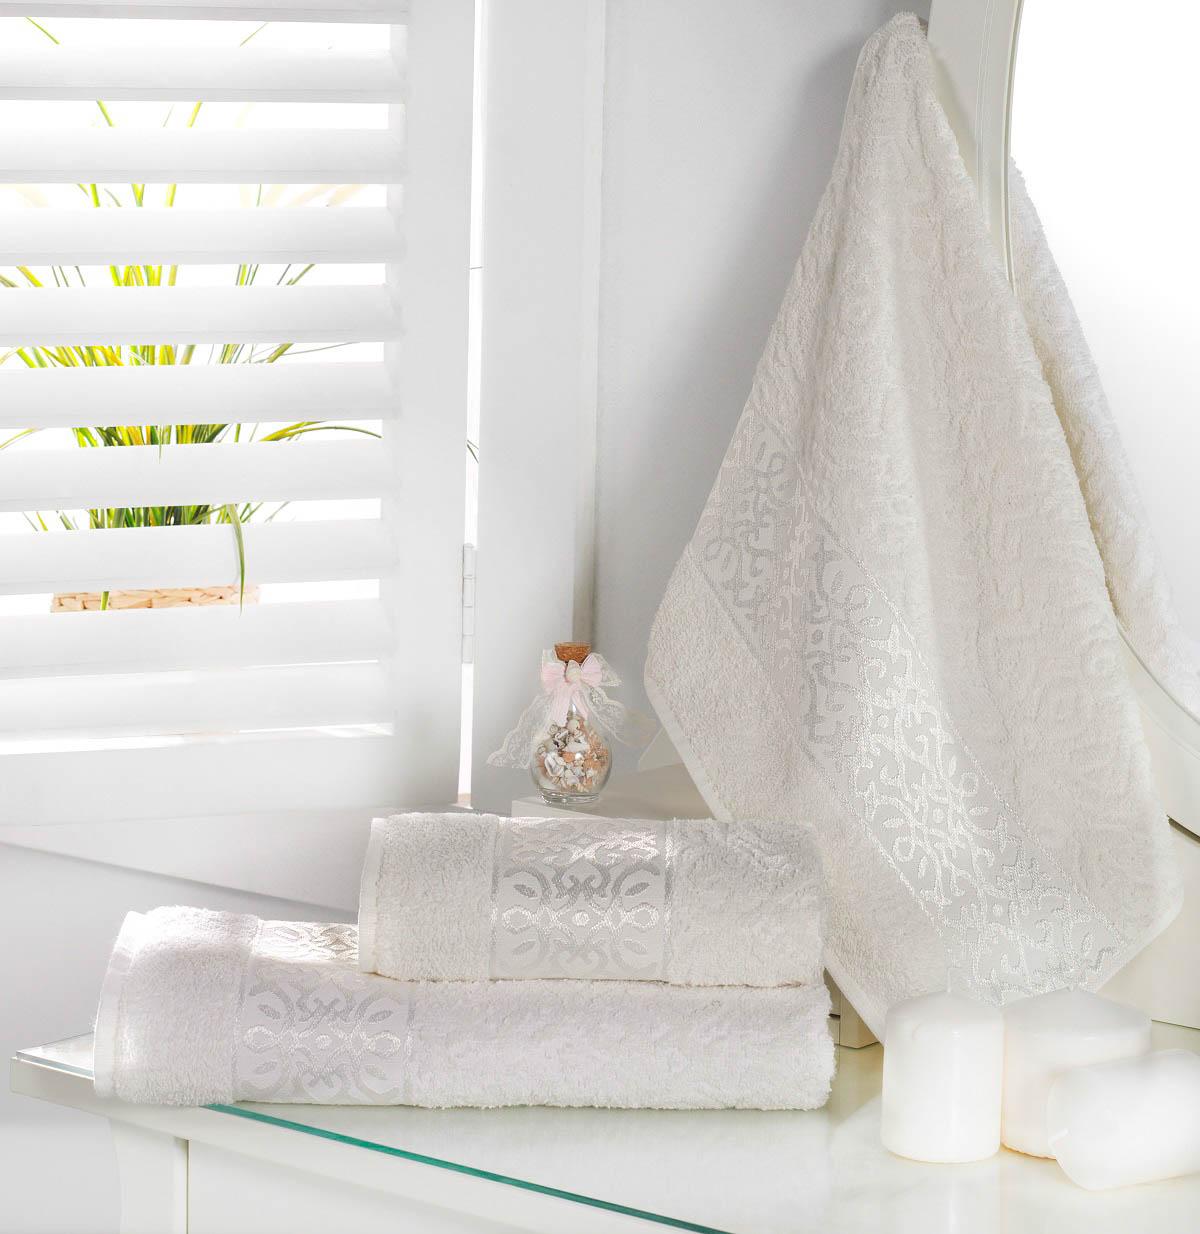 Полотенца Karna Полотенце Sahra Цвет: Кремовый (70х140 см) karna karna полотенце innes цвет красный 70х140 см